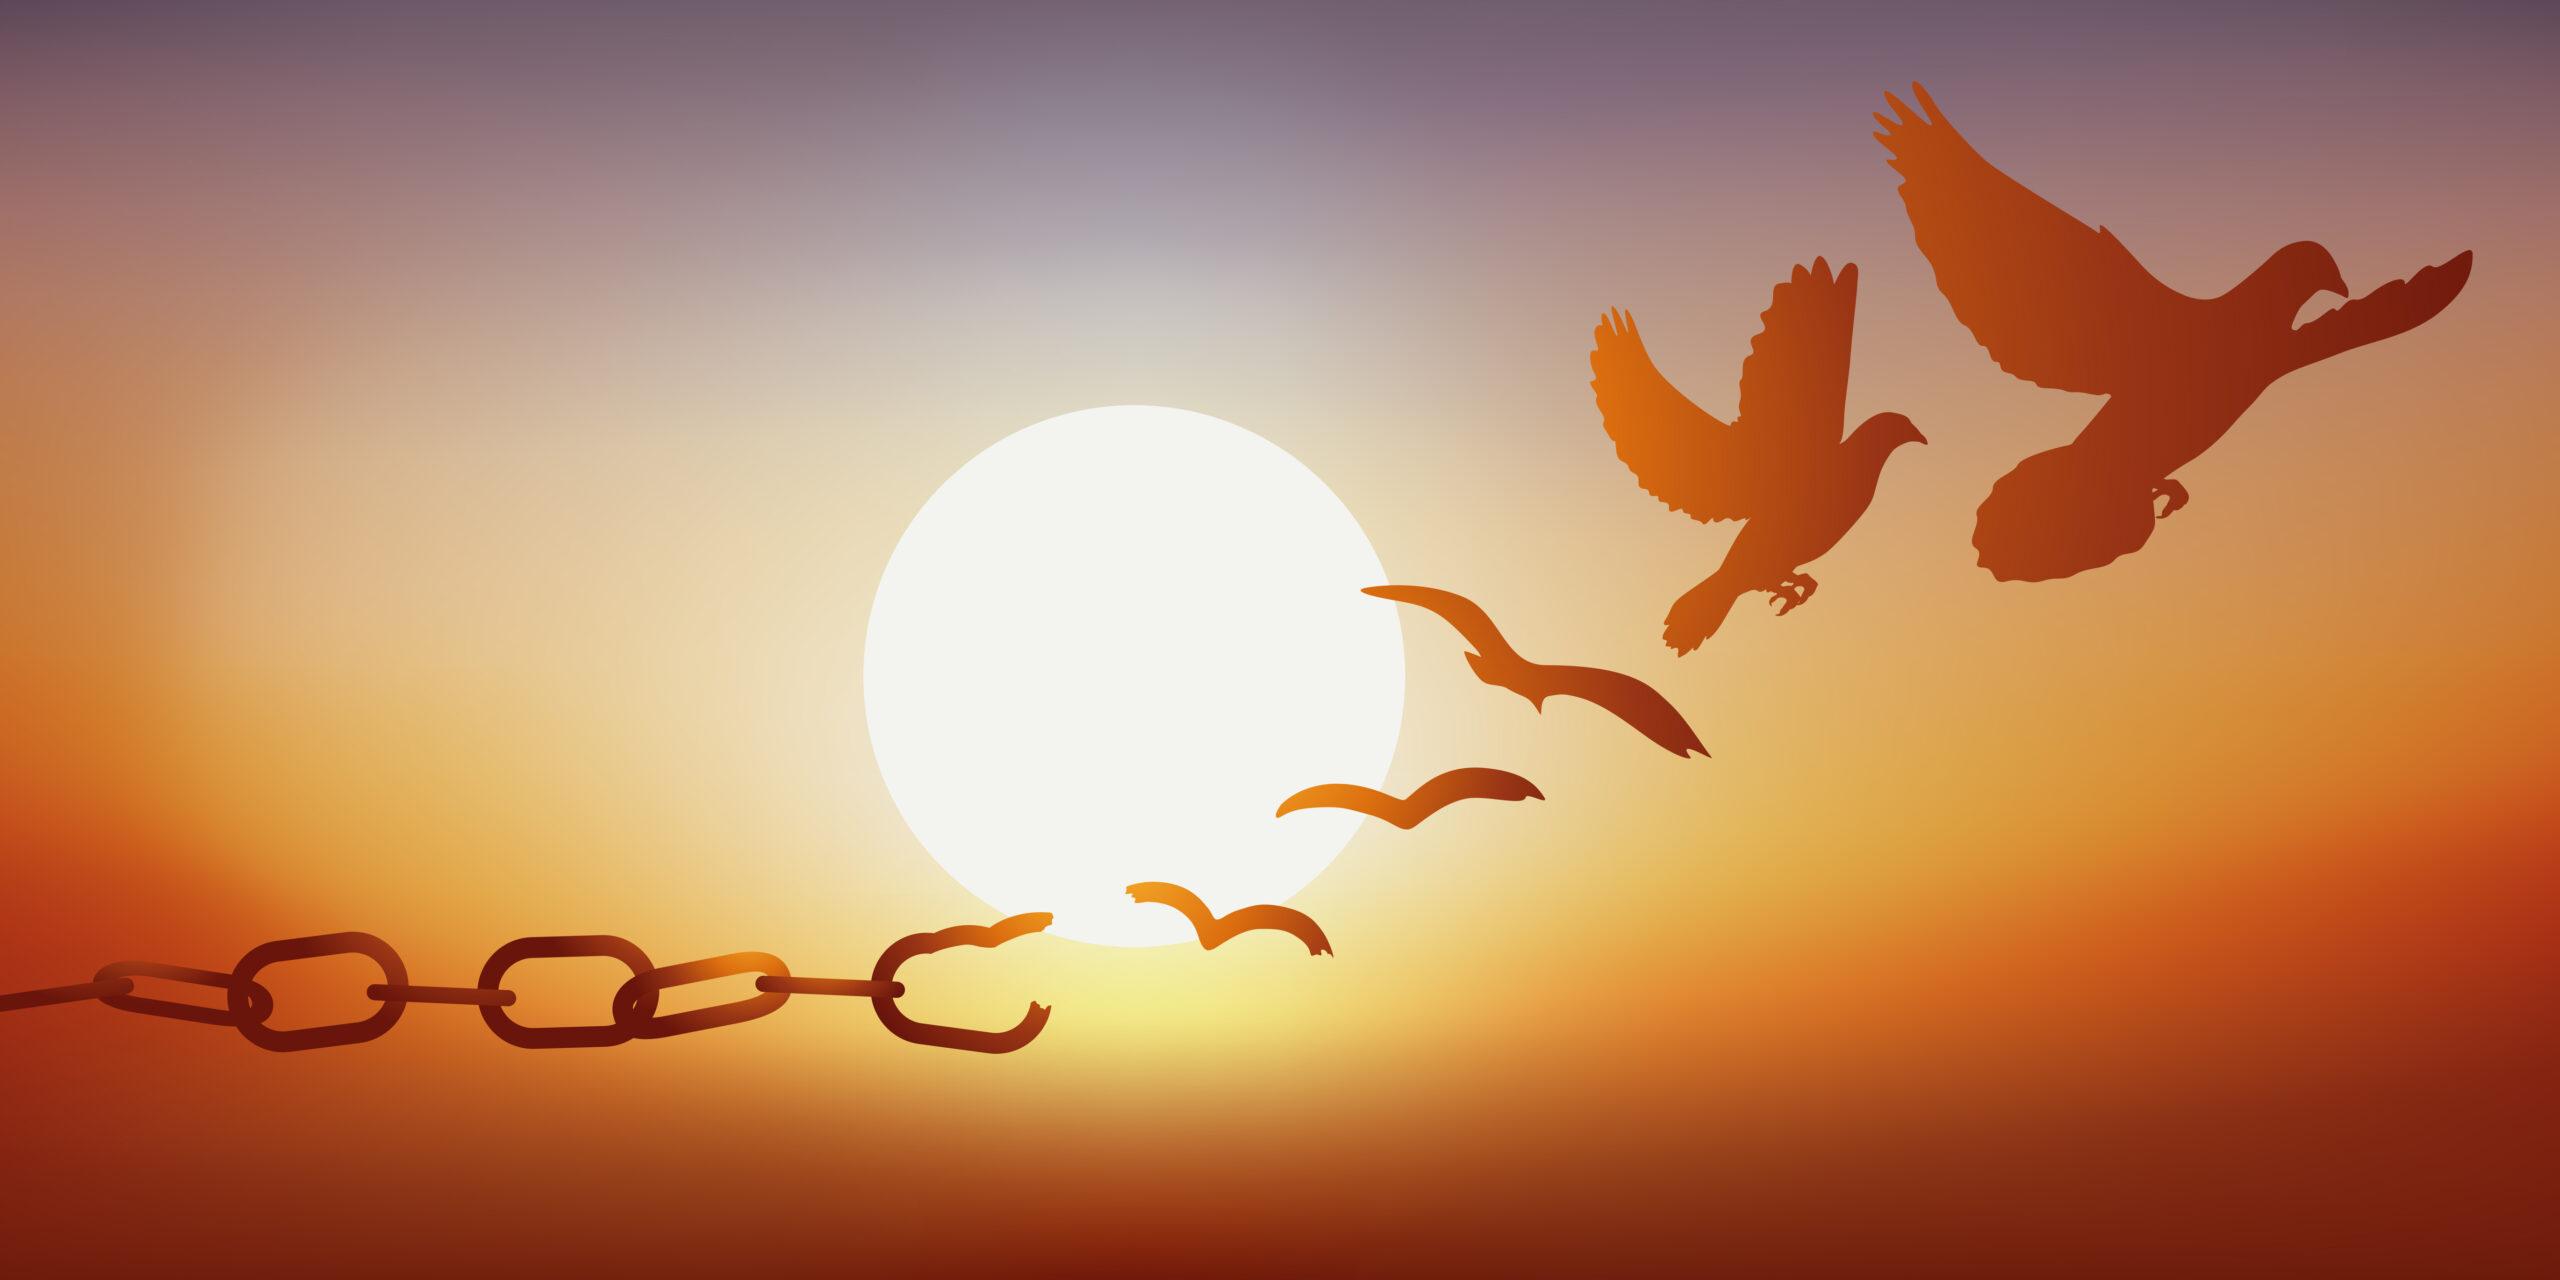 Concept de la liberté retrouvée, avec des chaînes qui se brisent et se transforment en une colombe qui s'envole au coucher du soleil. By pict rider